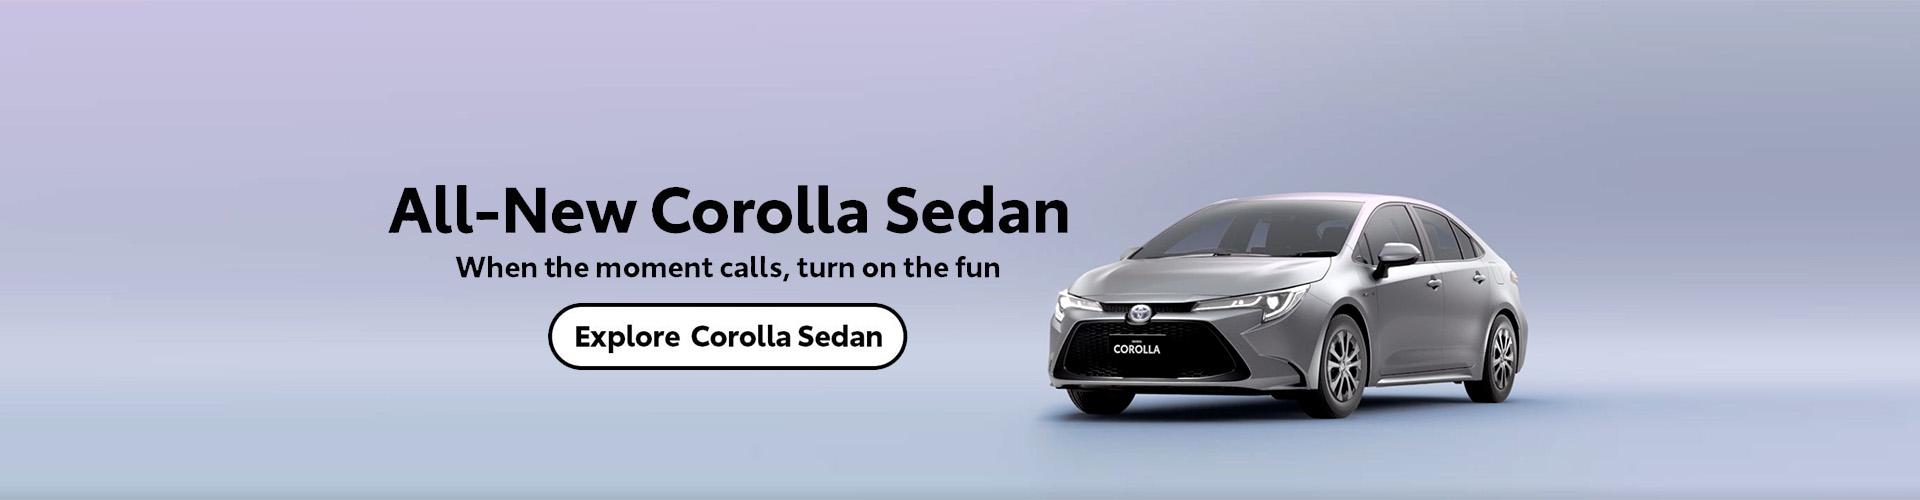 All-New Corolla Sedan